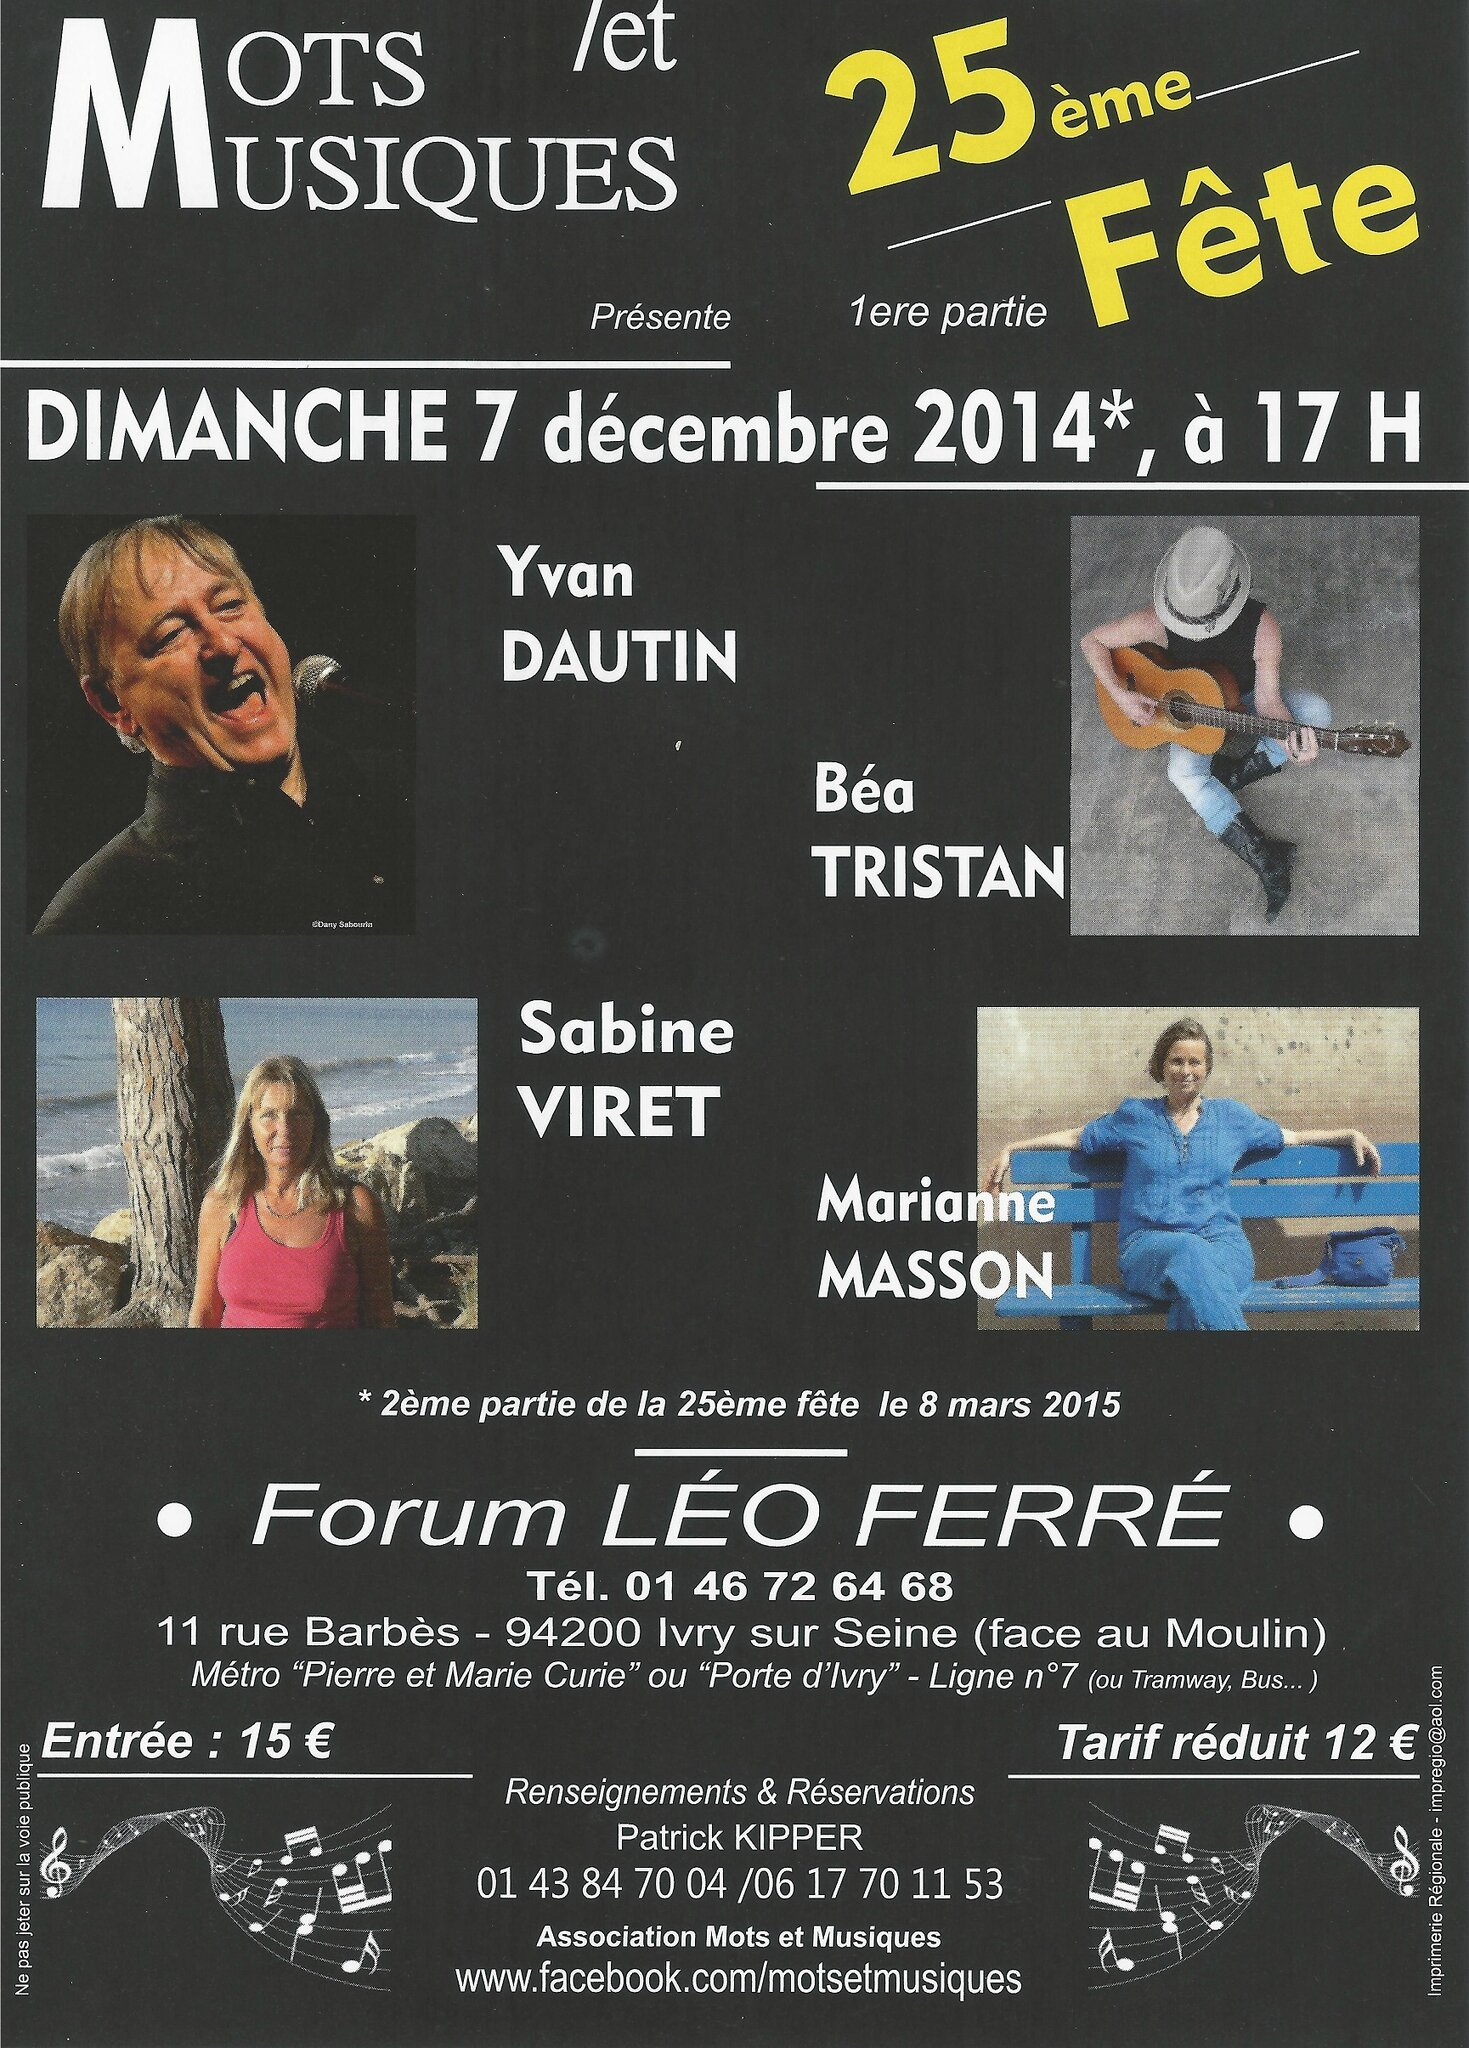 Dimanche 7 décembre 2014, 17 heures, Forum Léo Ferré